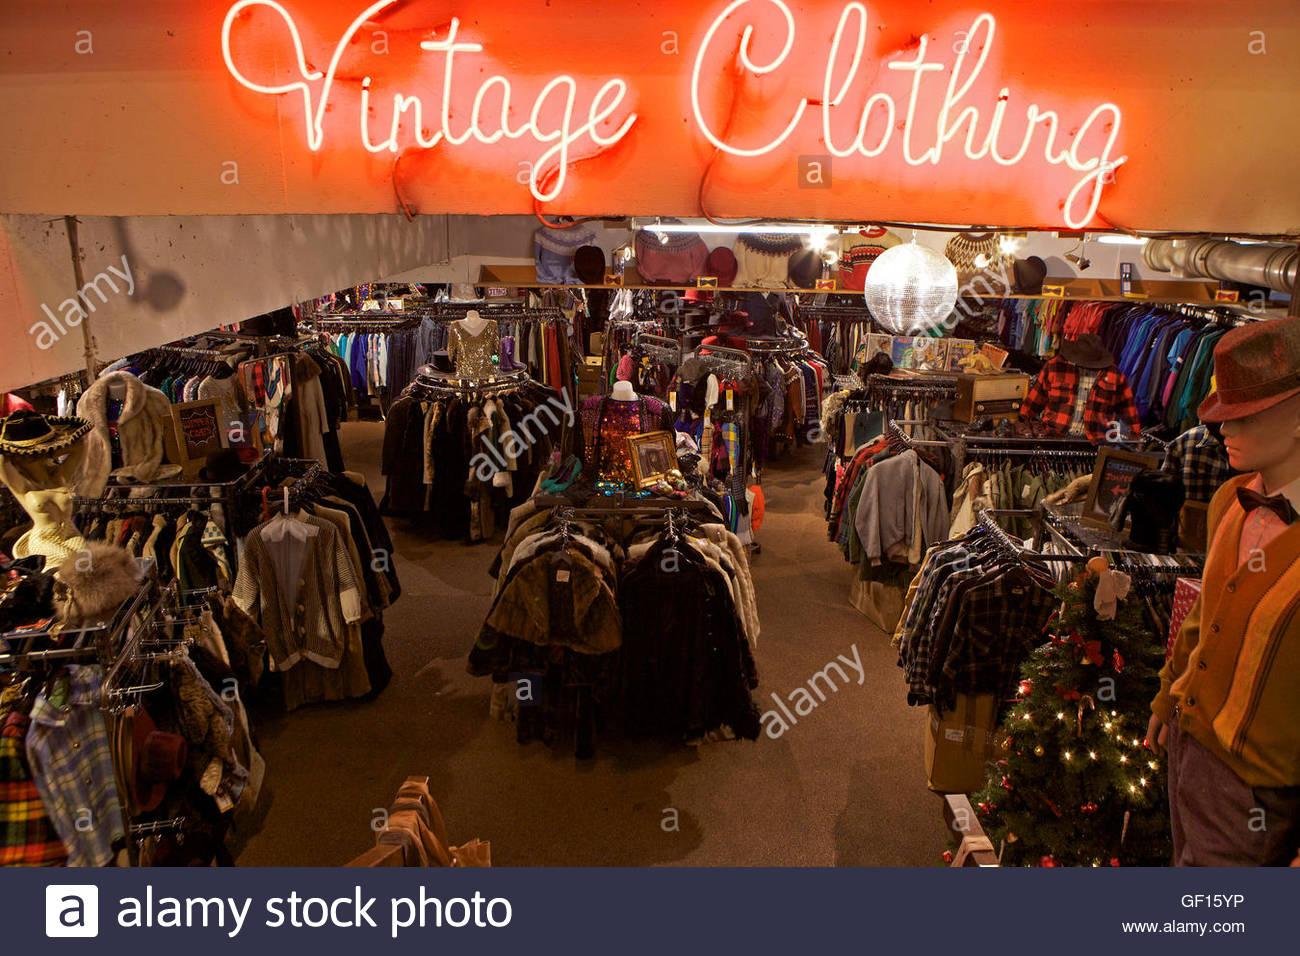 Vintage Clothing Store London Uk Stock Photo 112508698 Alamy